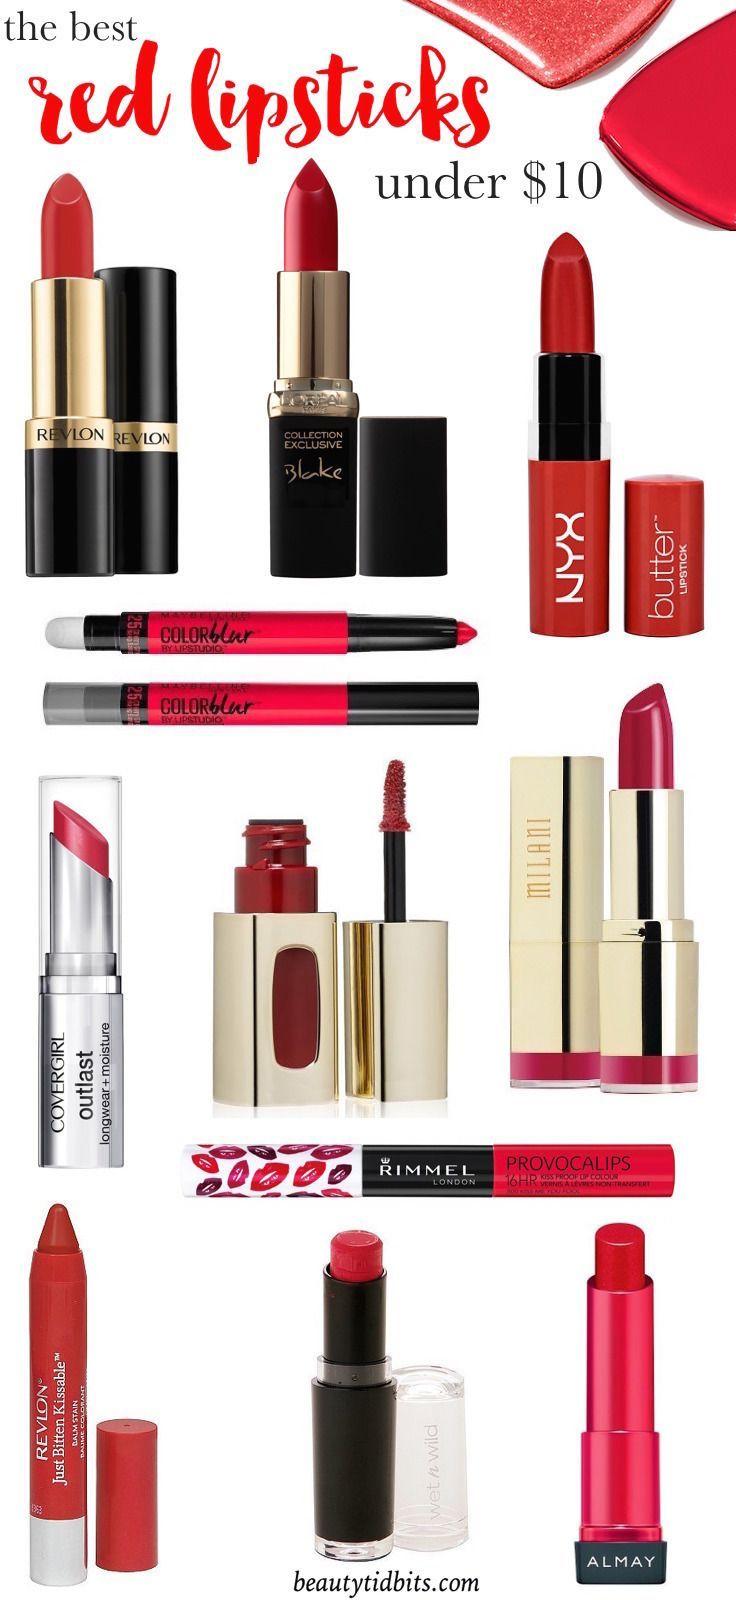 Best Drugstore Red Lipsticks under $10 | Lipsticks, Or and 10.